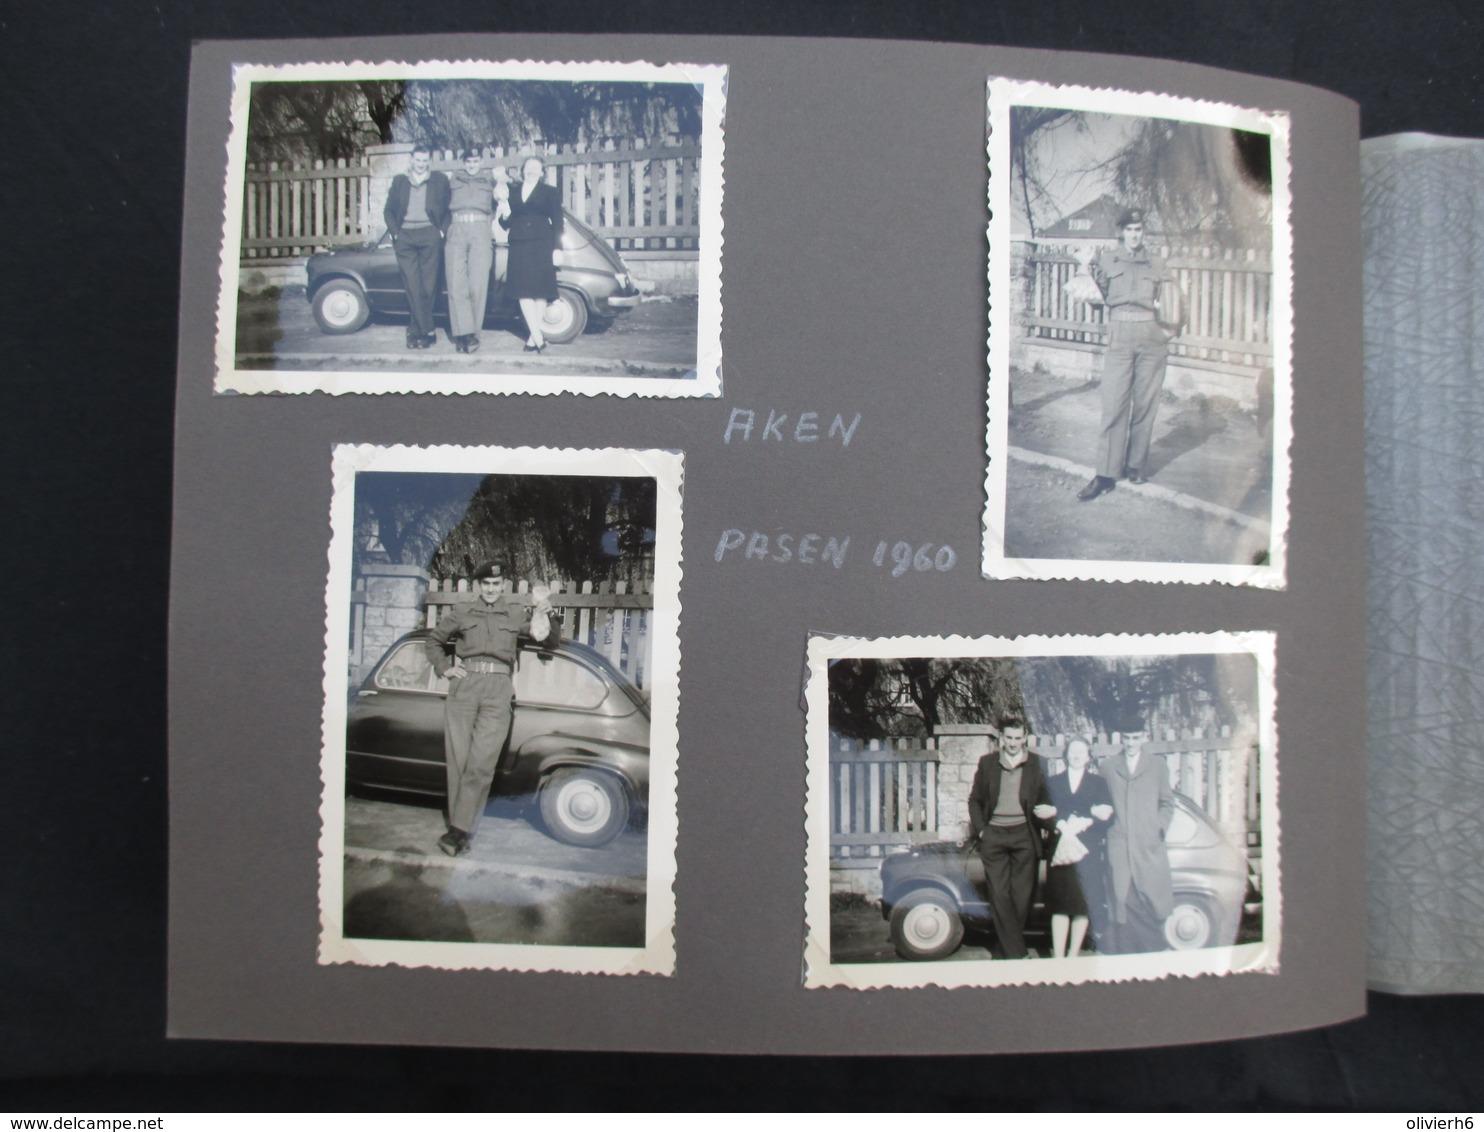 ALBUM PHOTO (M1814) 150 PHOTOS BELGIQUE (46 Vues) Voitures, Moto, Retie, Averbode, Retie, Aken, Huizingen - Albums & Collections